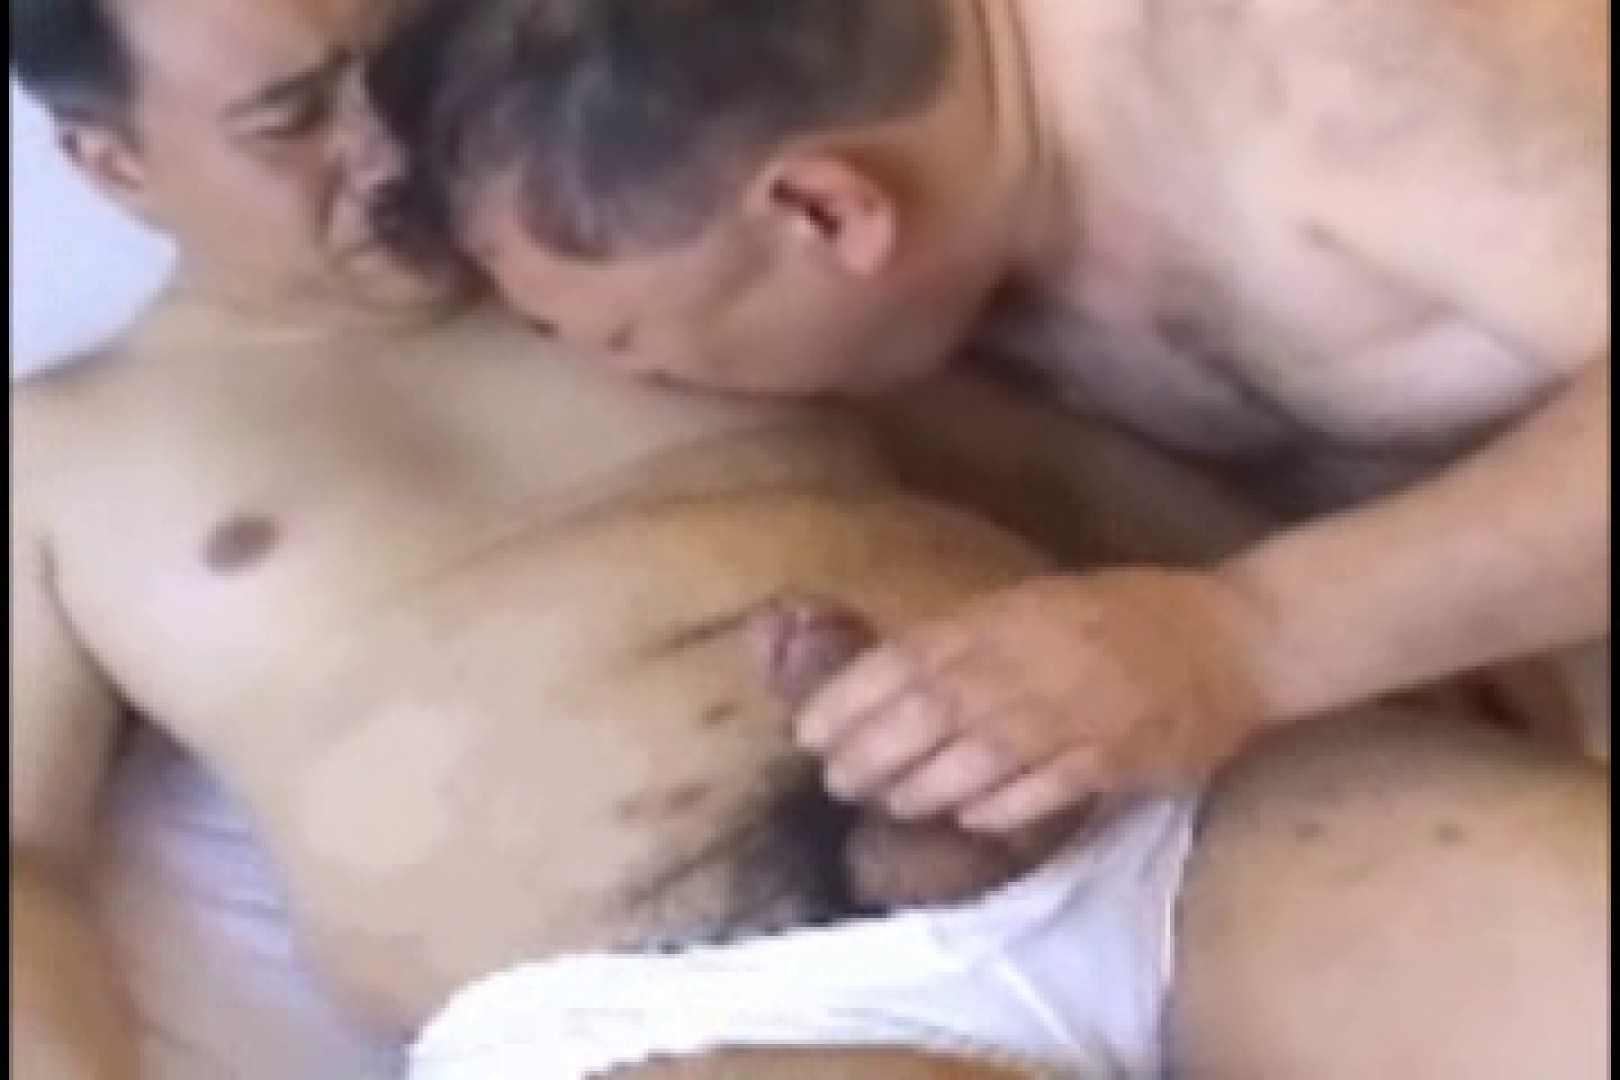 中年旦那の発情記 ゲイのオナニー映像   中年おじさん  99枚 49